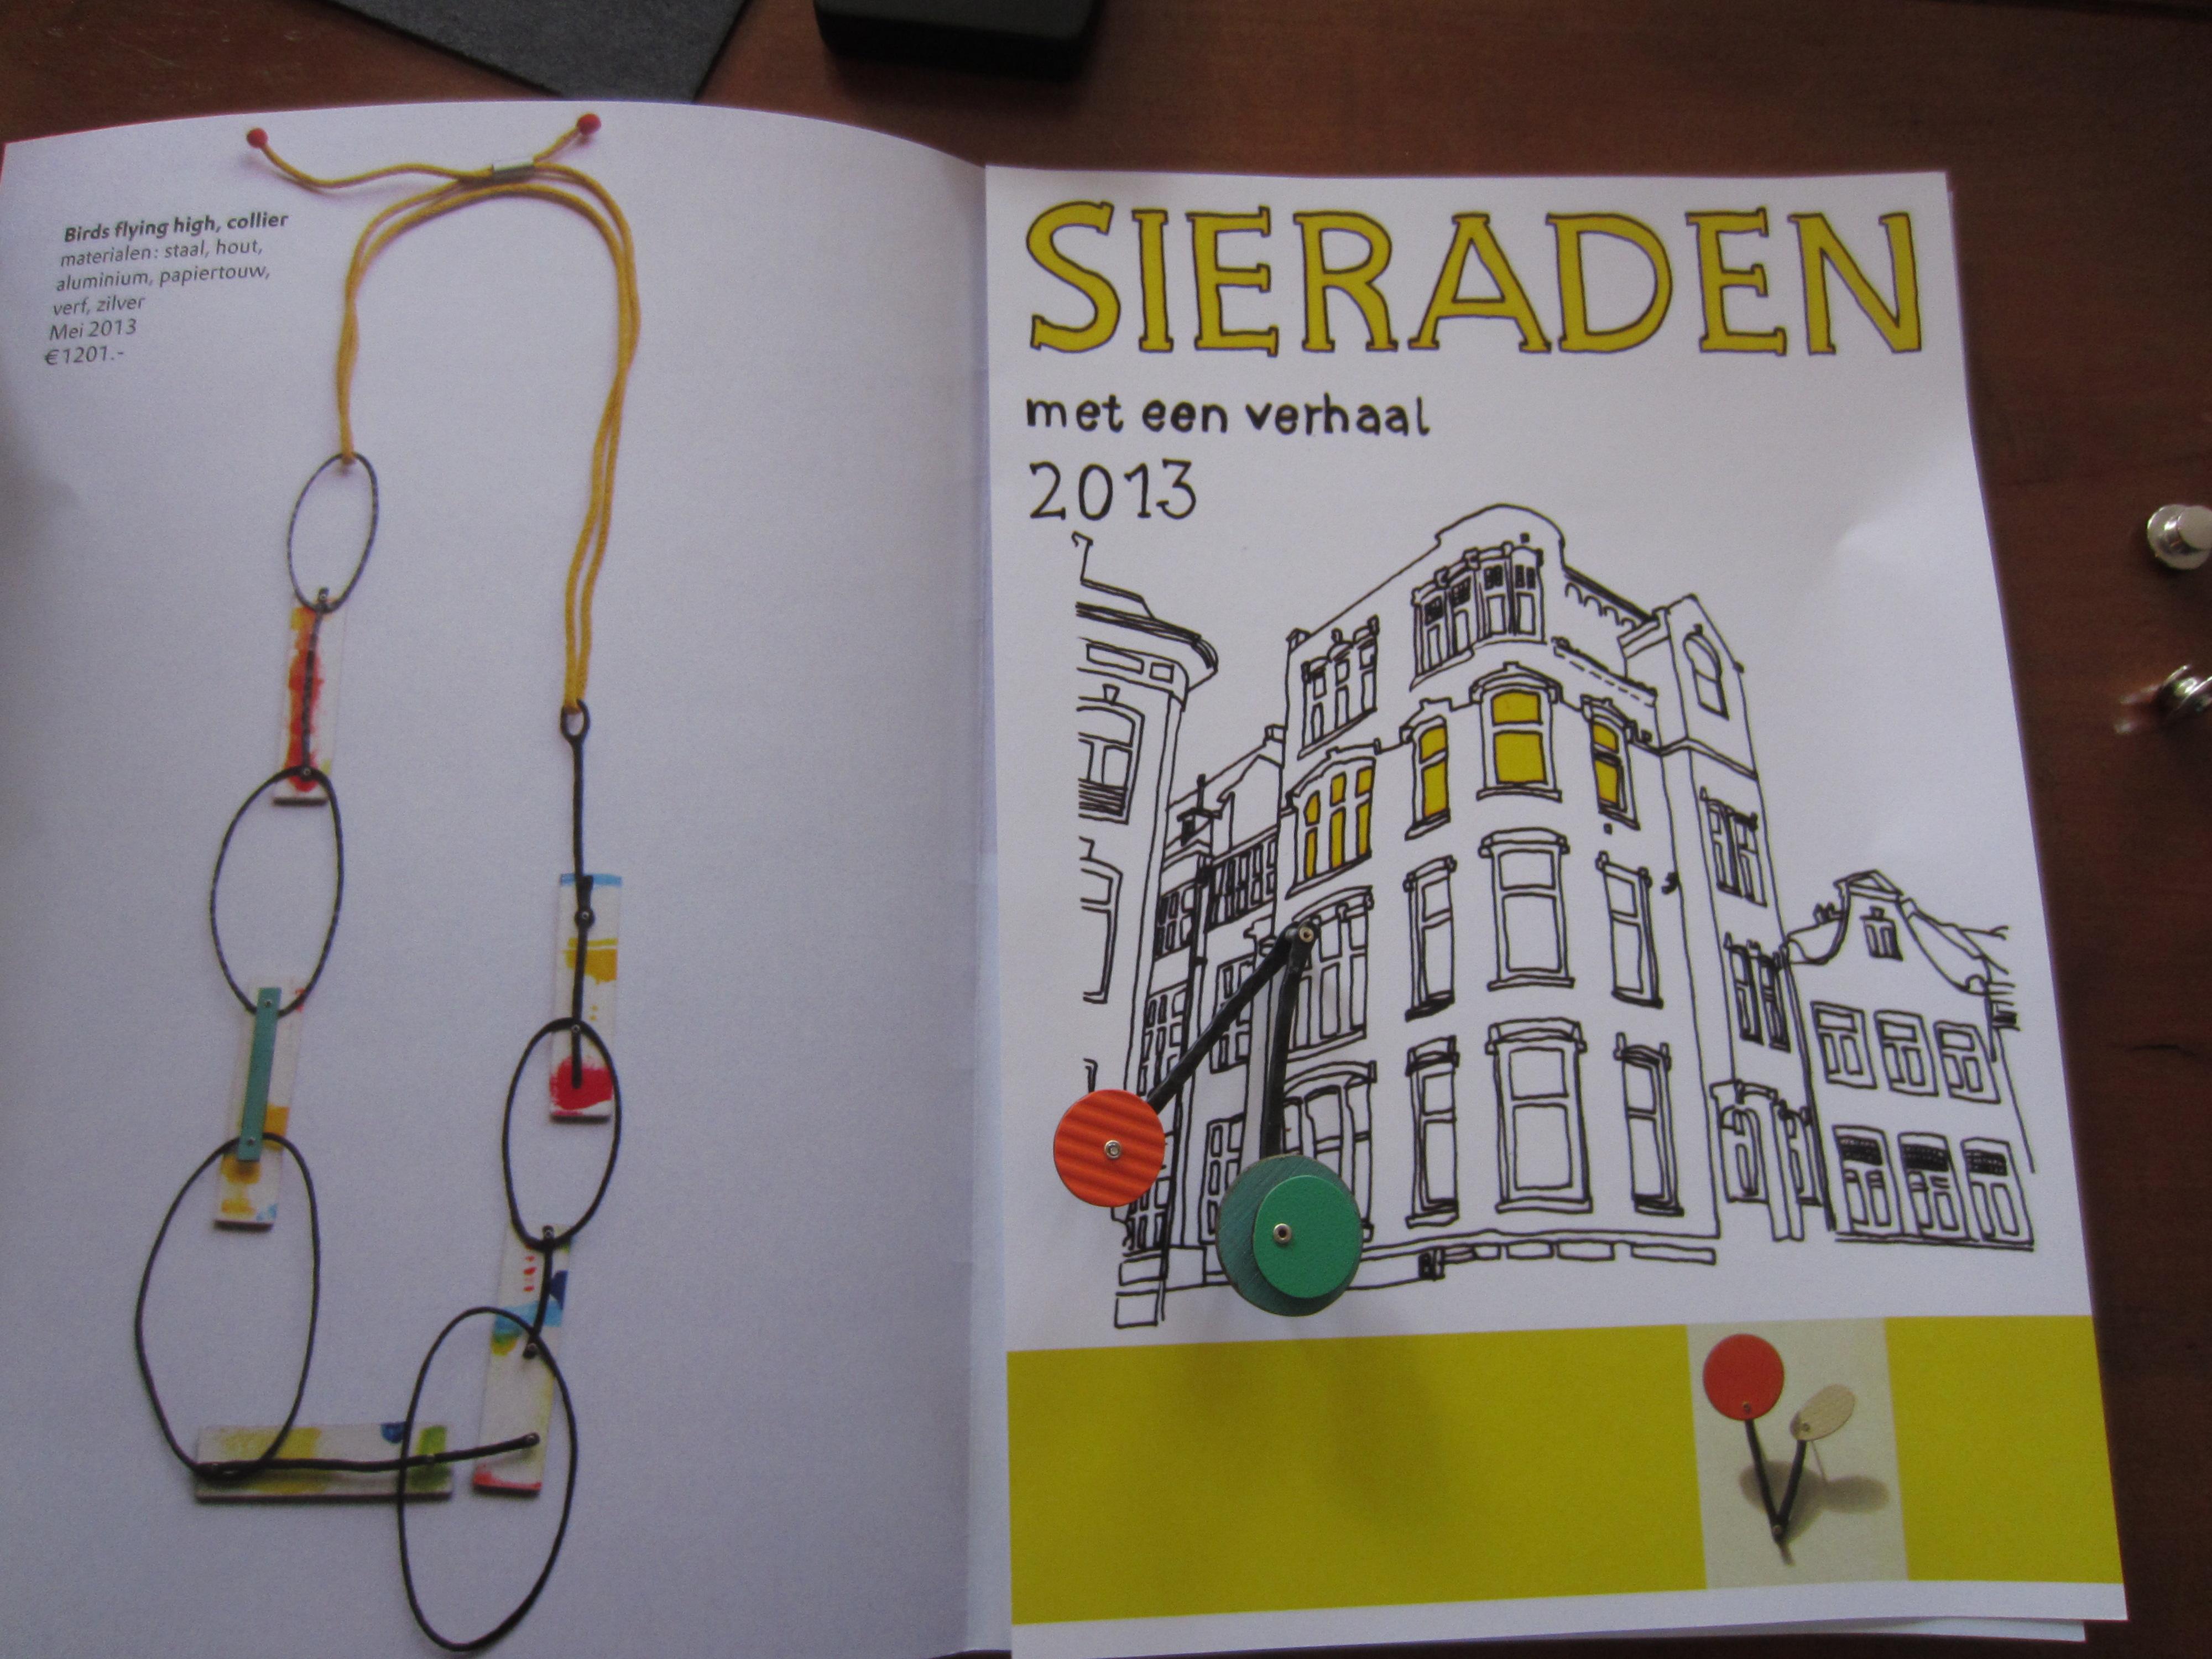 Sieraden met een verhaal 2013, CODA, Apeldoorn